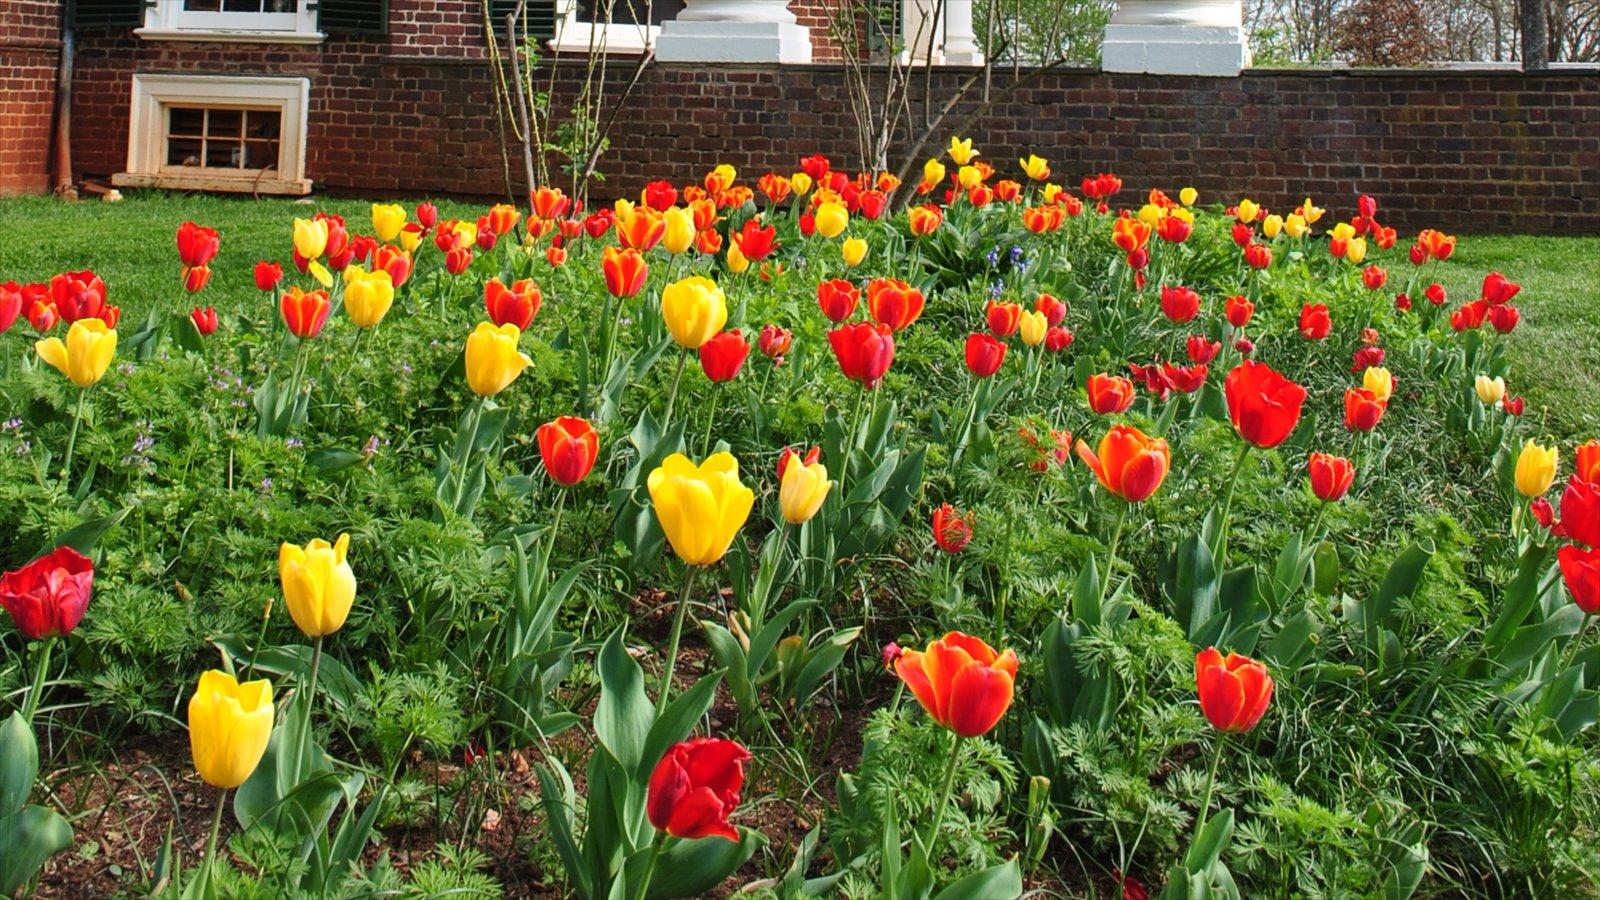 Virgínia mostrando flores e um parque